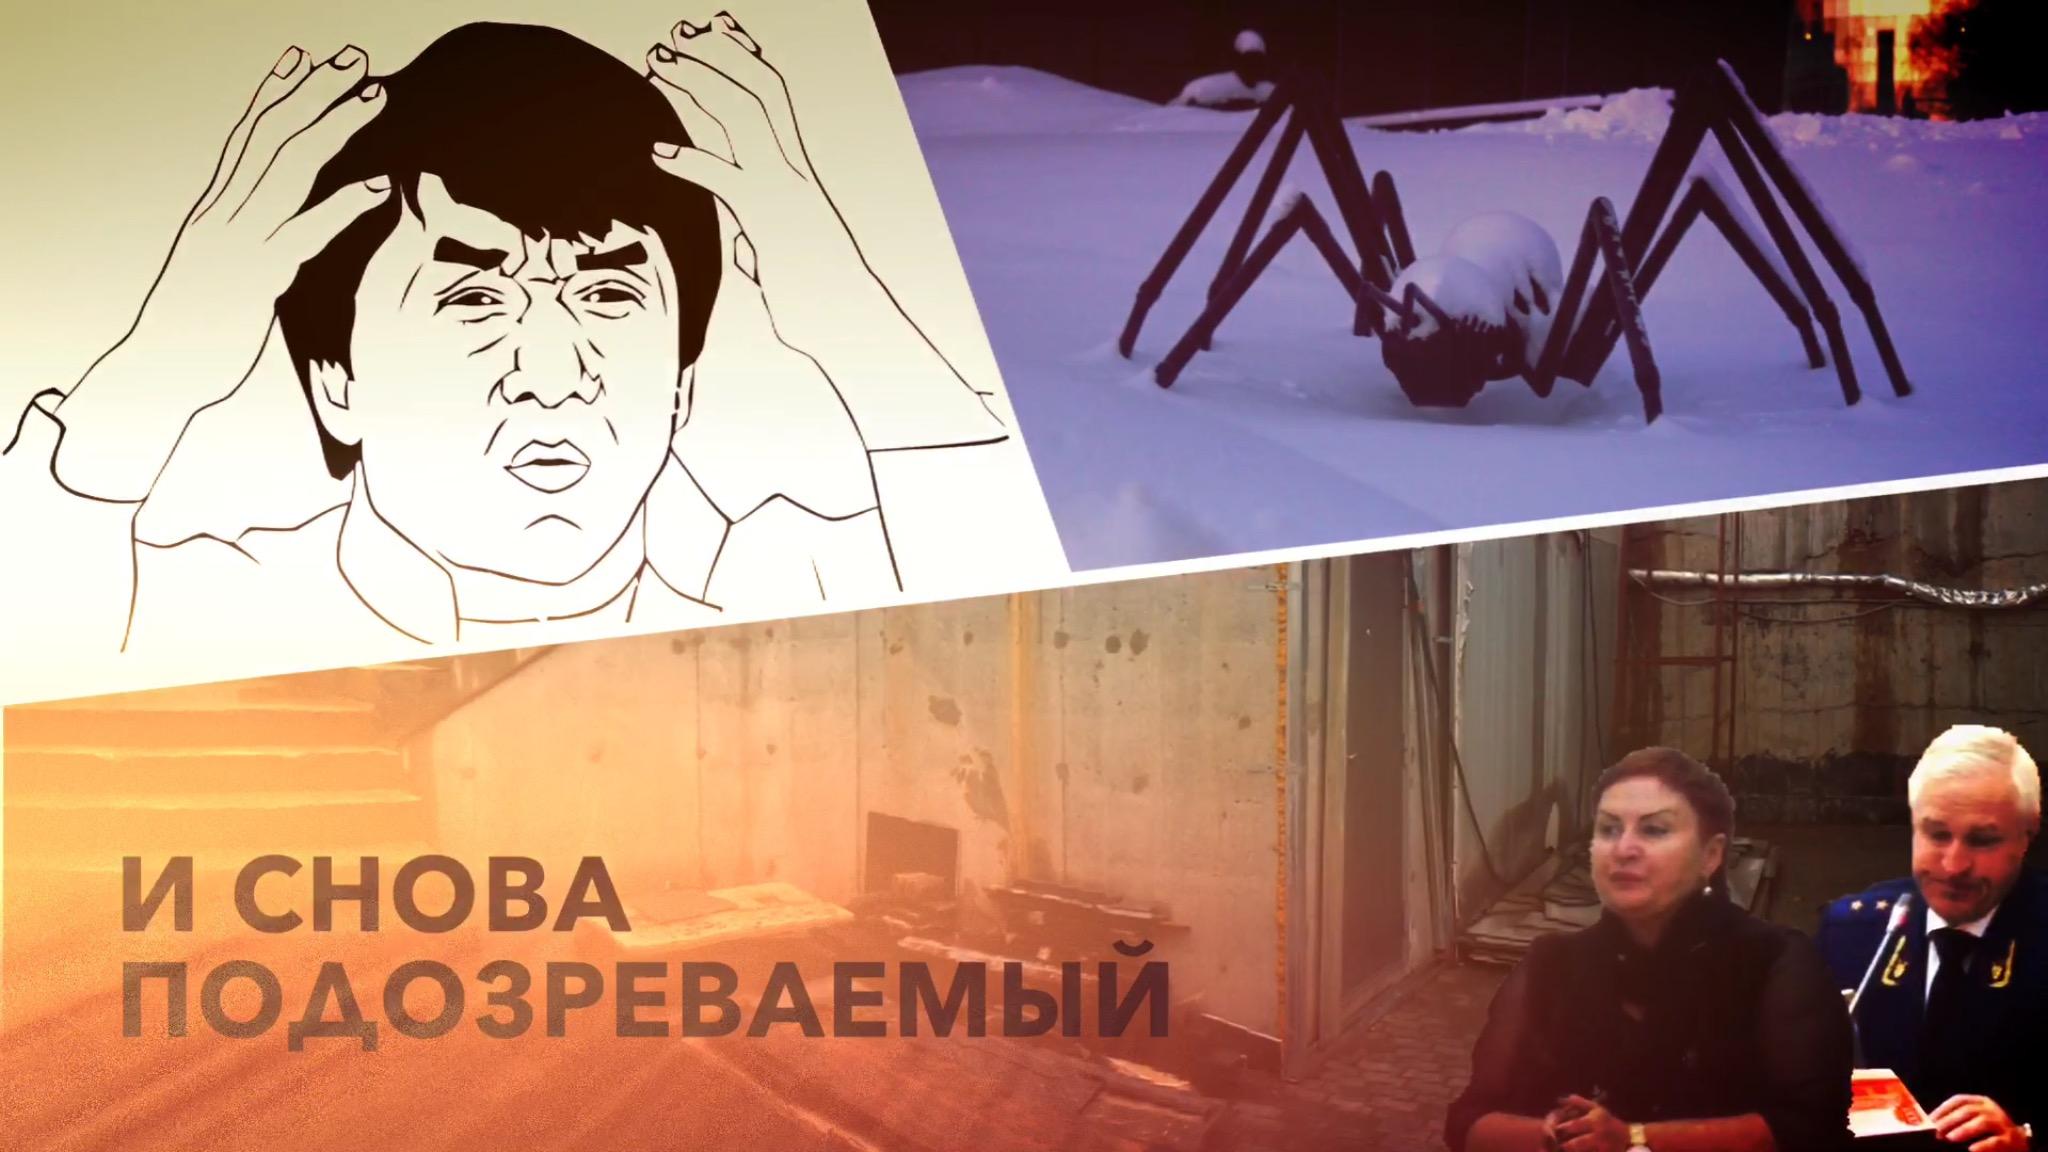 Документы  Эхо Москвы  echomskru